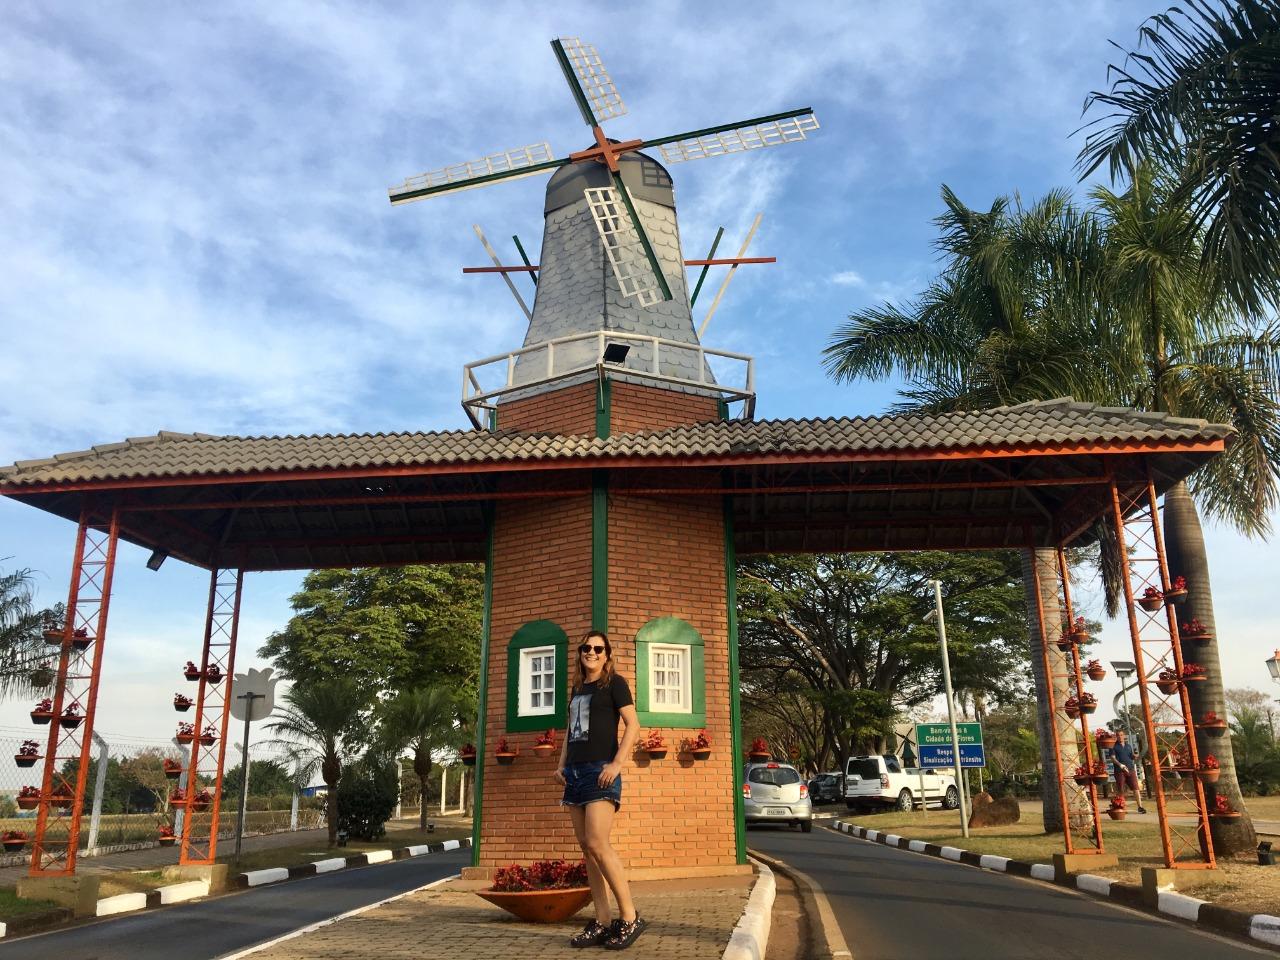 Holambra, município do interior paulista, é conhecido como Capital Nacional das Flores